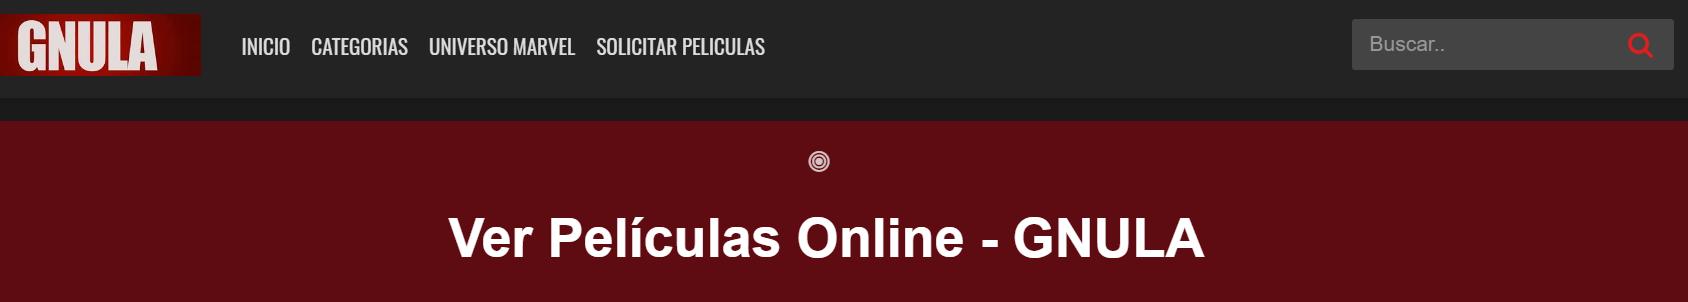 gnula, una de las alternativas a series danko para ver series online